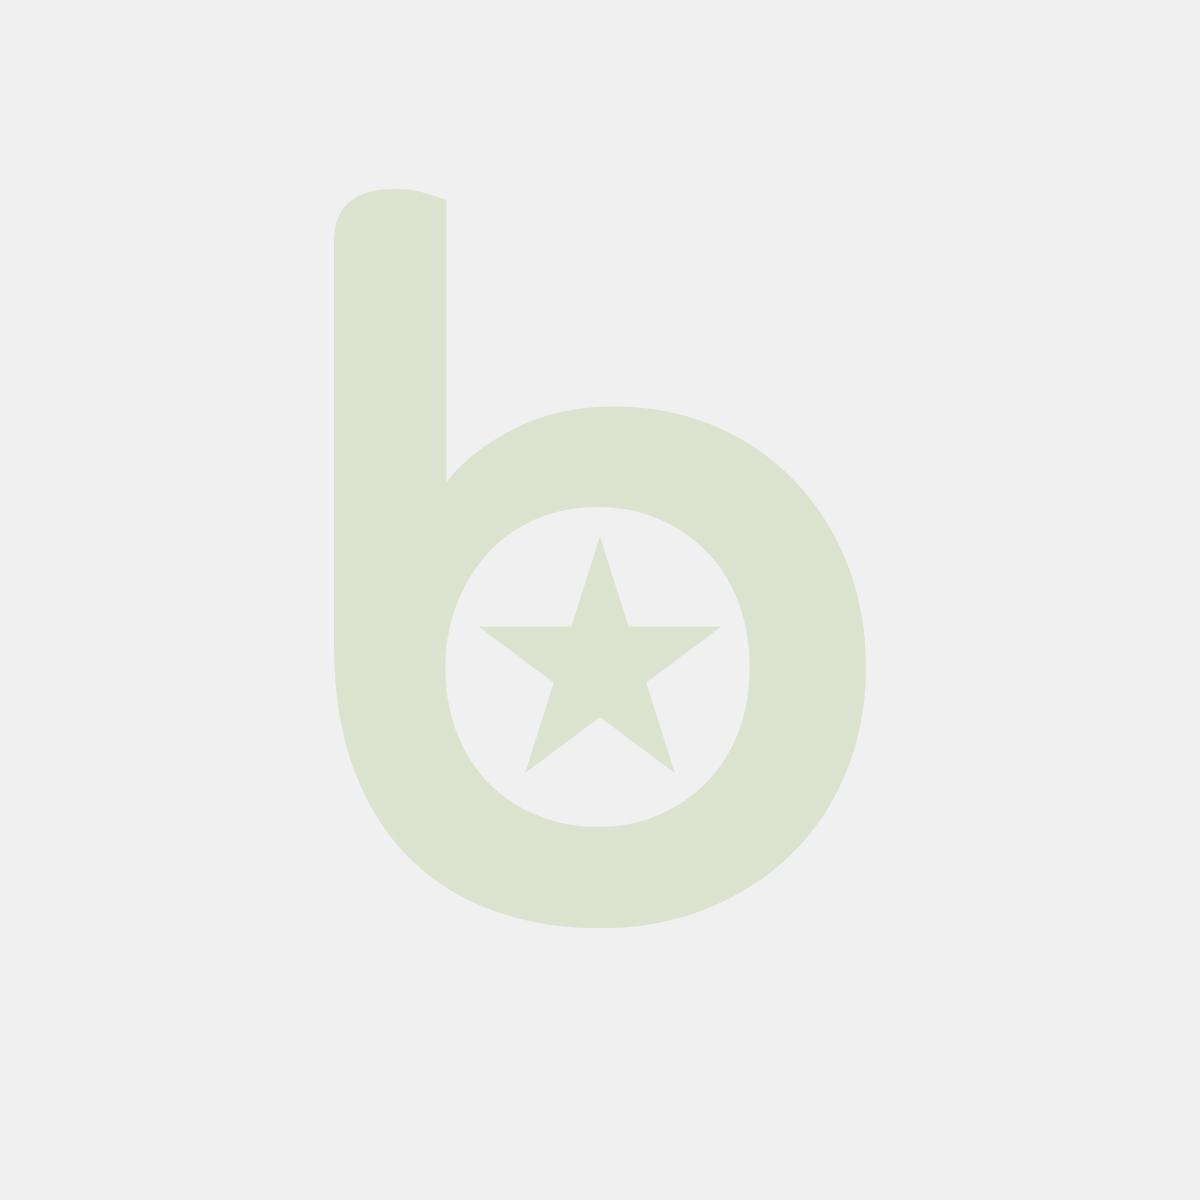 Piec Konwekcyjno-Parowy – Elektryczny, Sterowanie Manualne 7X Gn 1/1